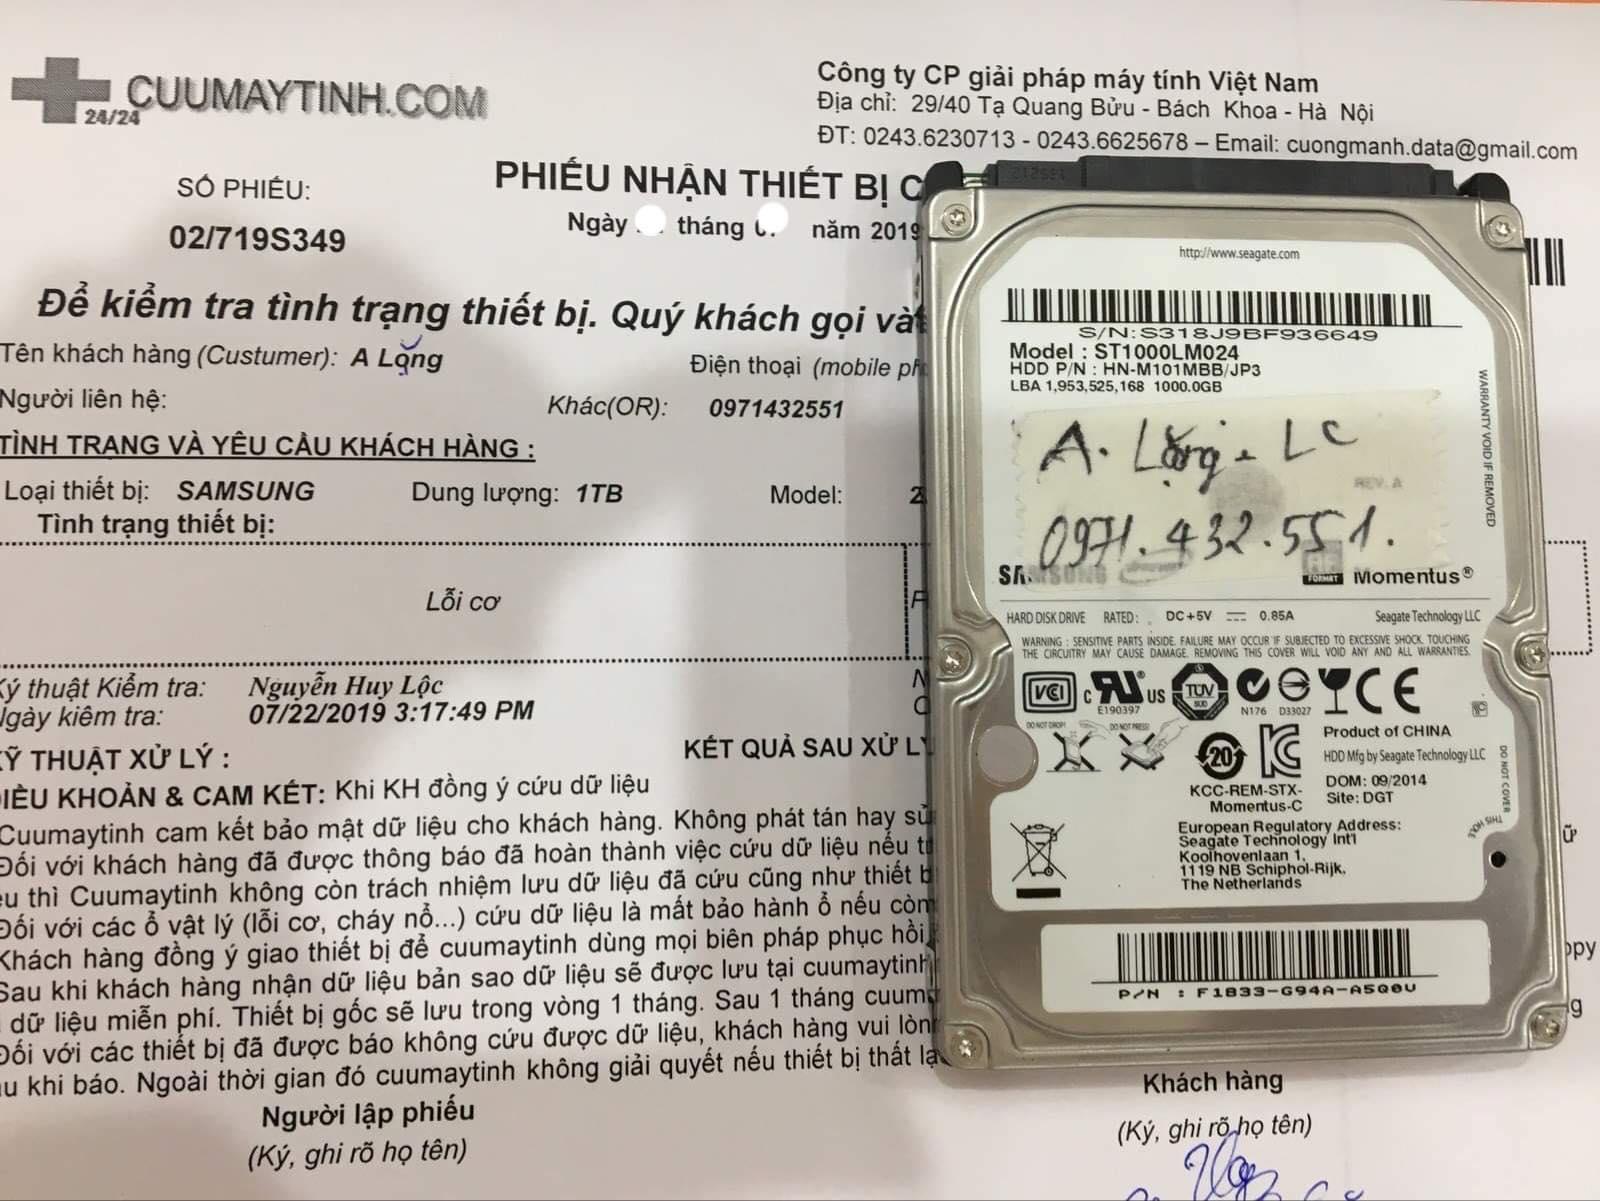 Lấy dữ liệu ổ cứng Samsung 1TB lỗi cơ 05/08/2019 - cuumaytinh